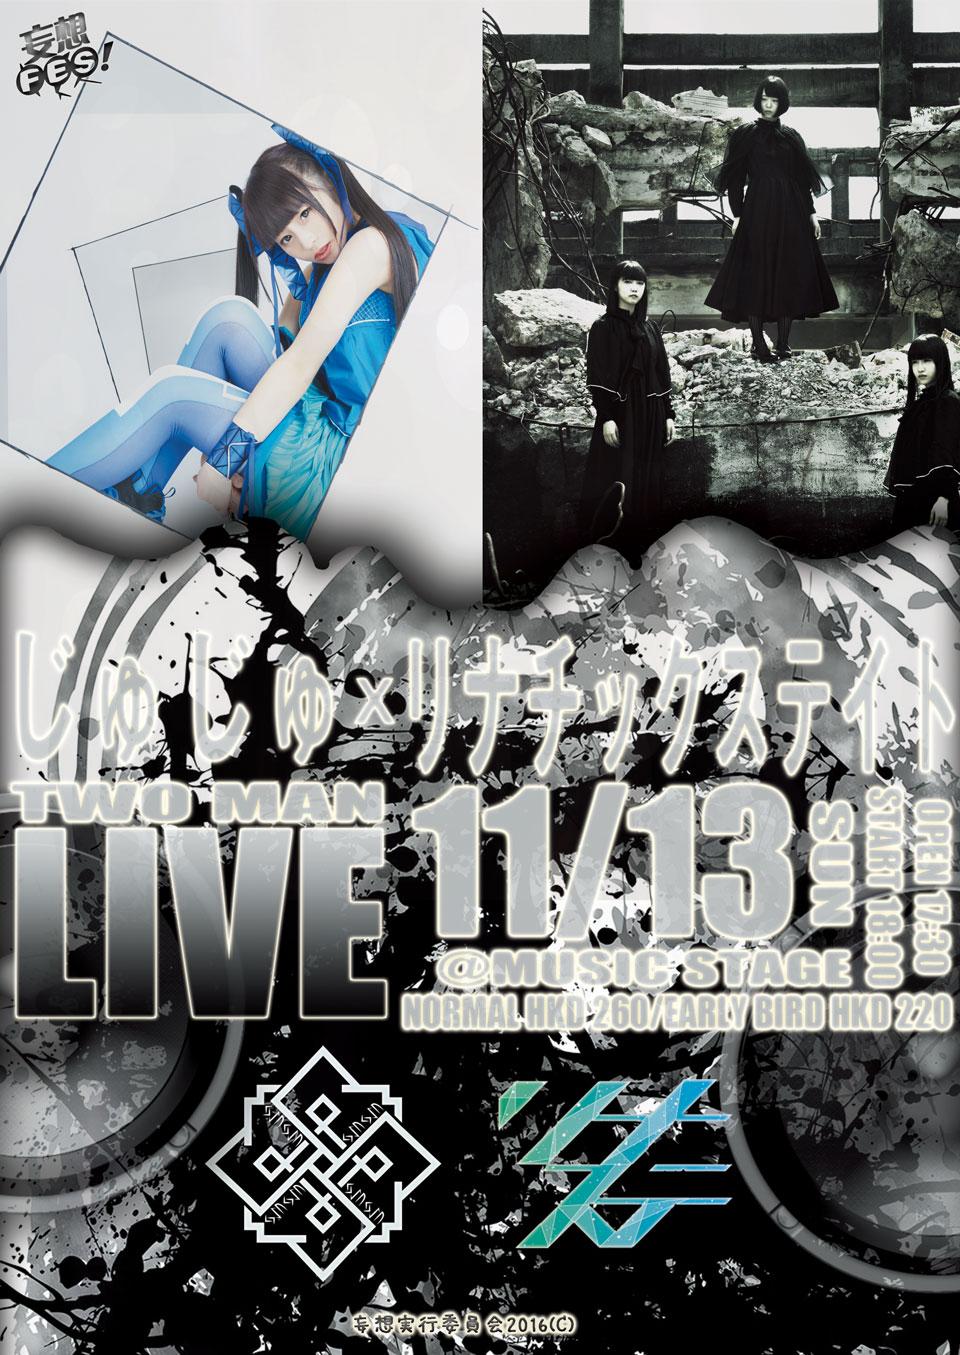 じゅじゅxリナチックステイト ツーマンライブ in 香港〜呪呪xRinaticState Two Man Live in Hong Kong